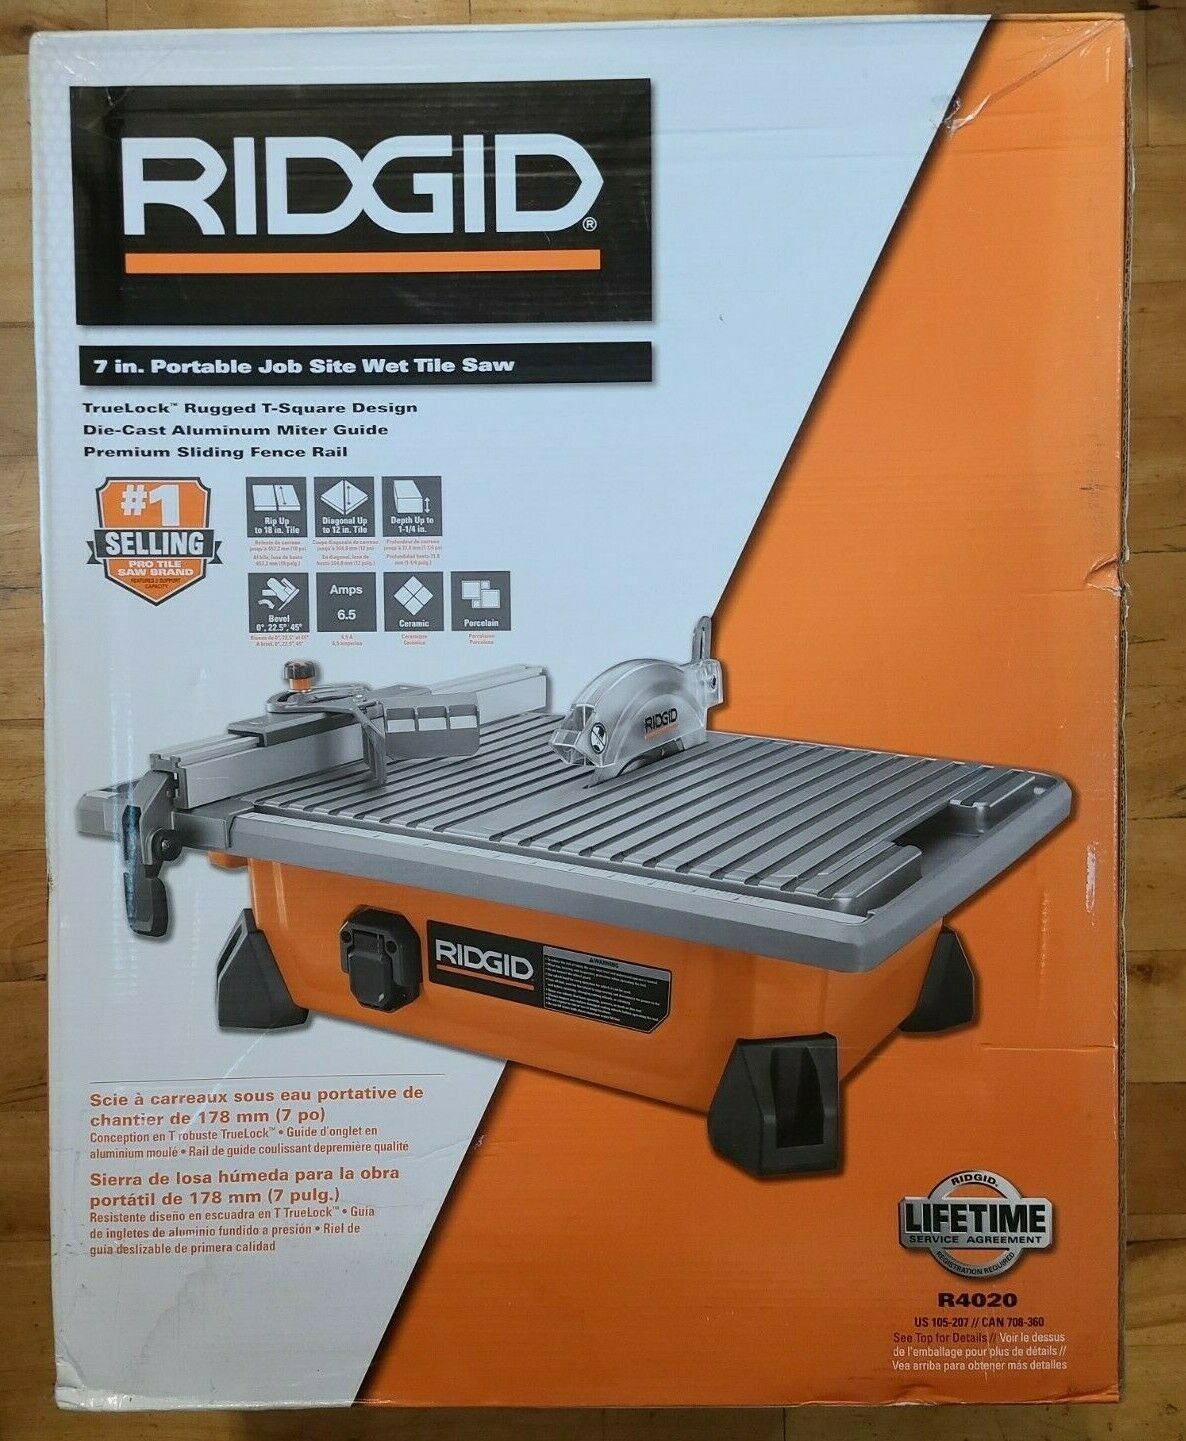 ridgid 7 in portable job wet tile saw 4020 120v 6 5 amp motor